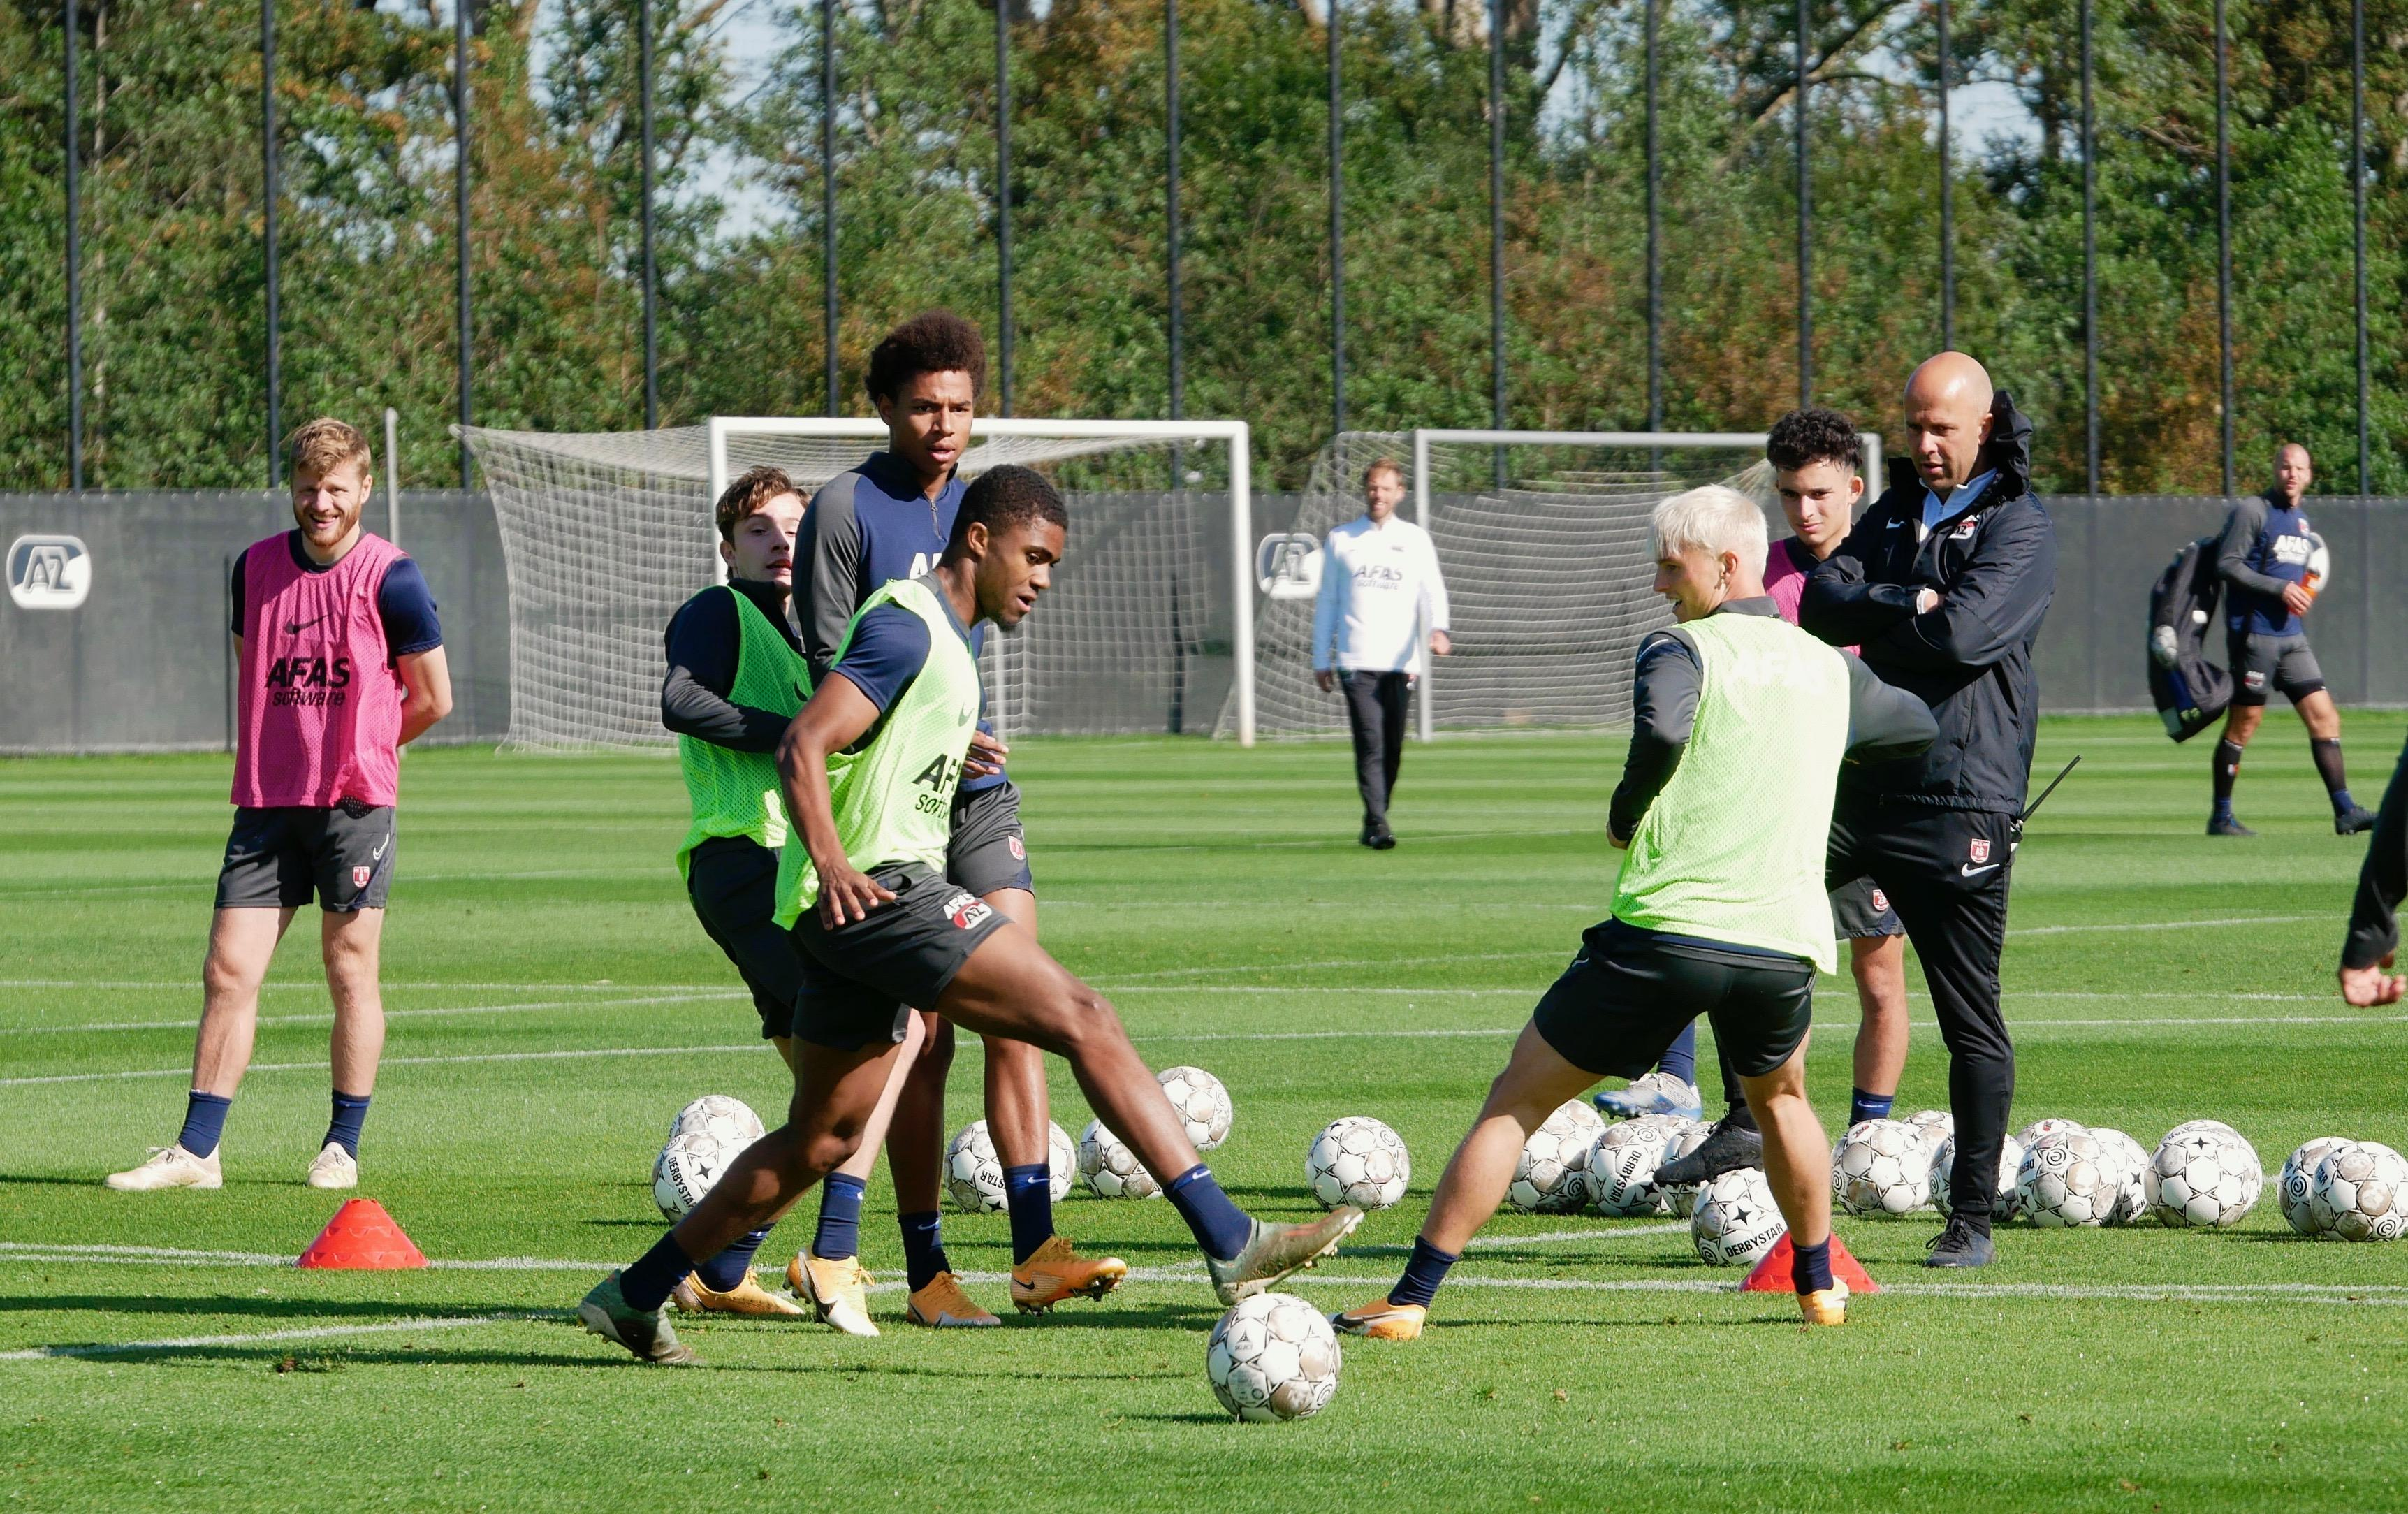 Blessures en twijfelgevallen bij AZ voor thuiswedstrijd tegen PEC Zwolle